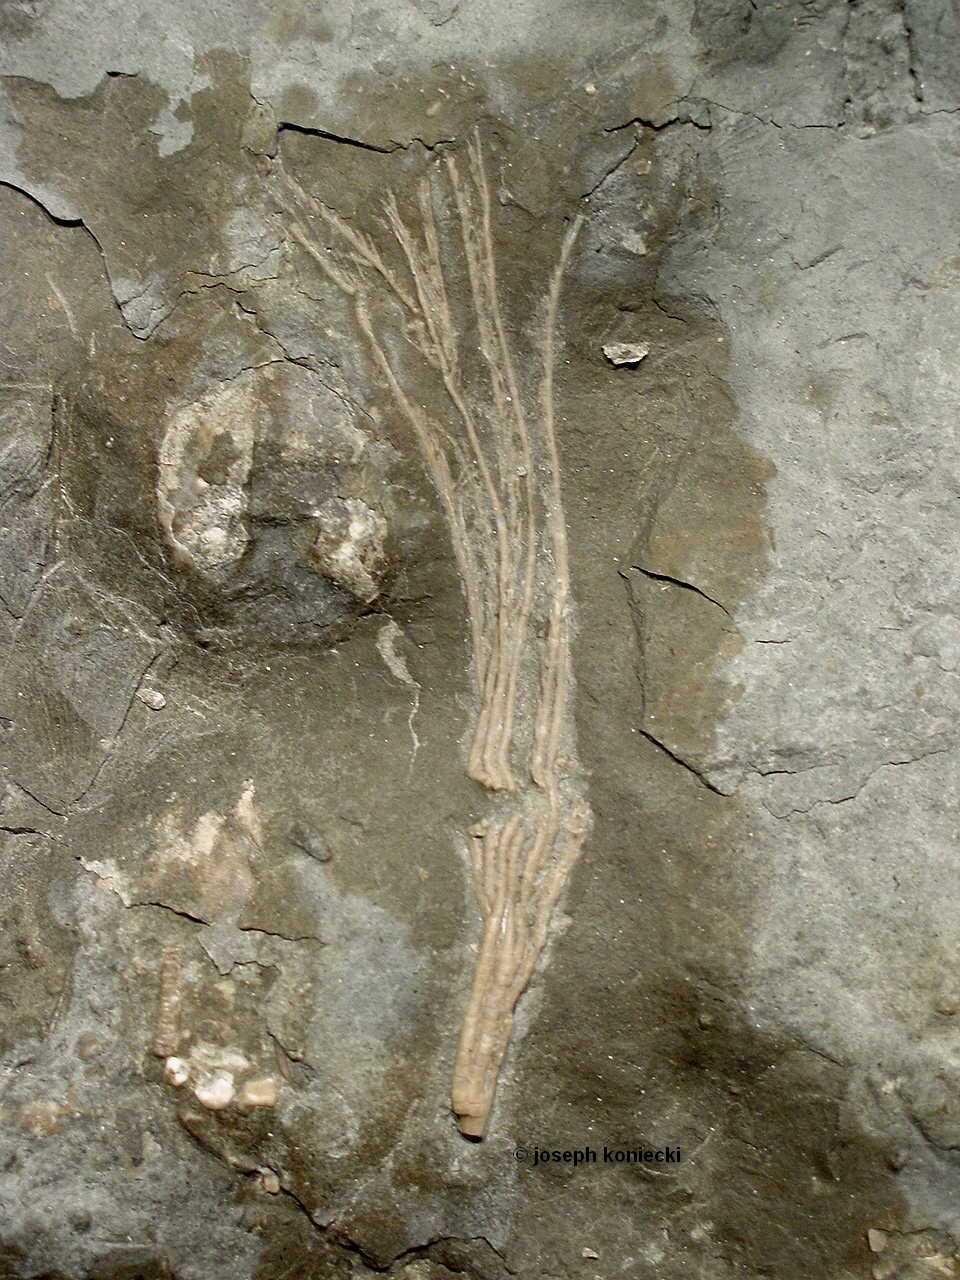 Eustenocrinus